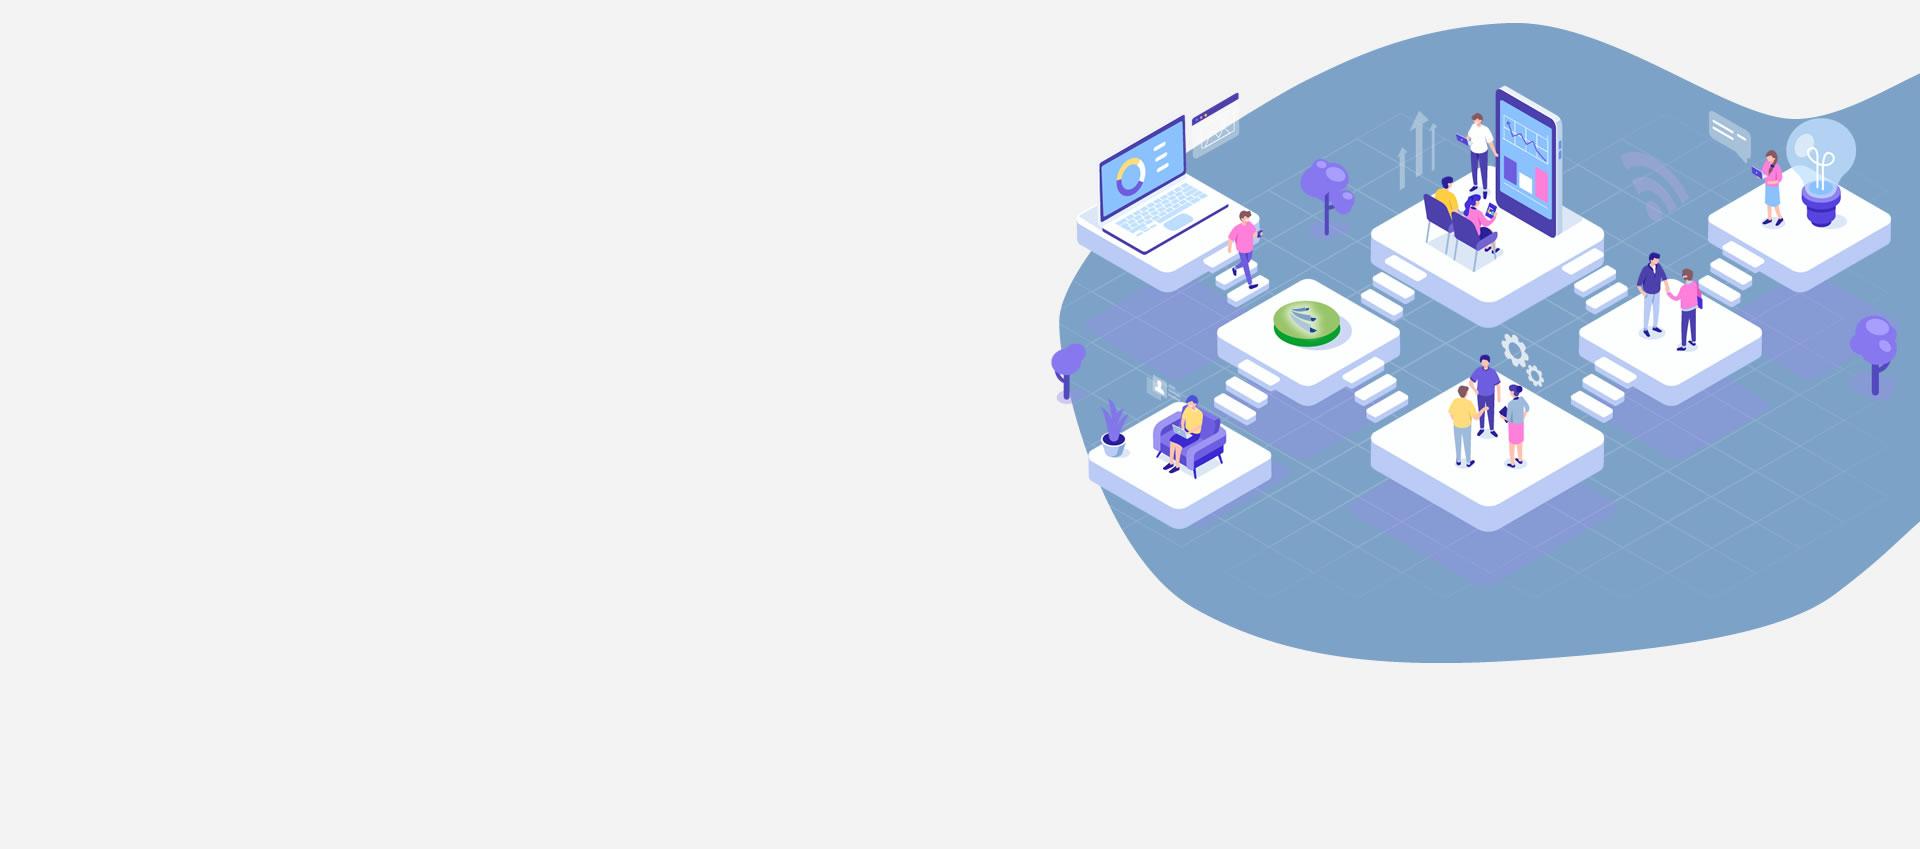 Pronto per creare il tuo Workspace?